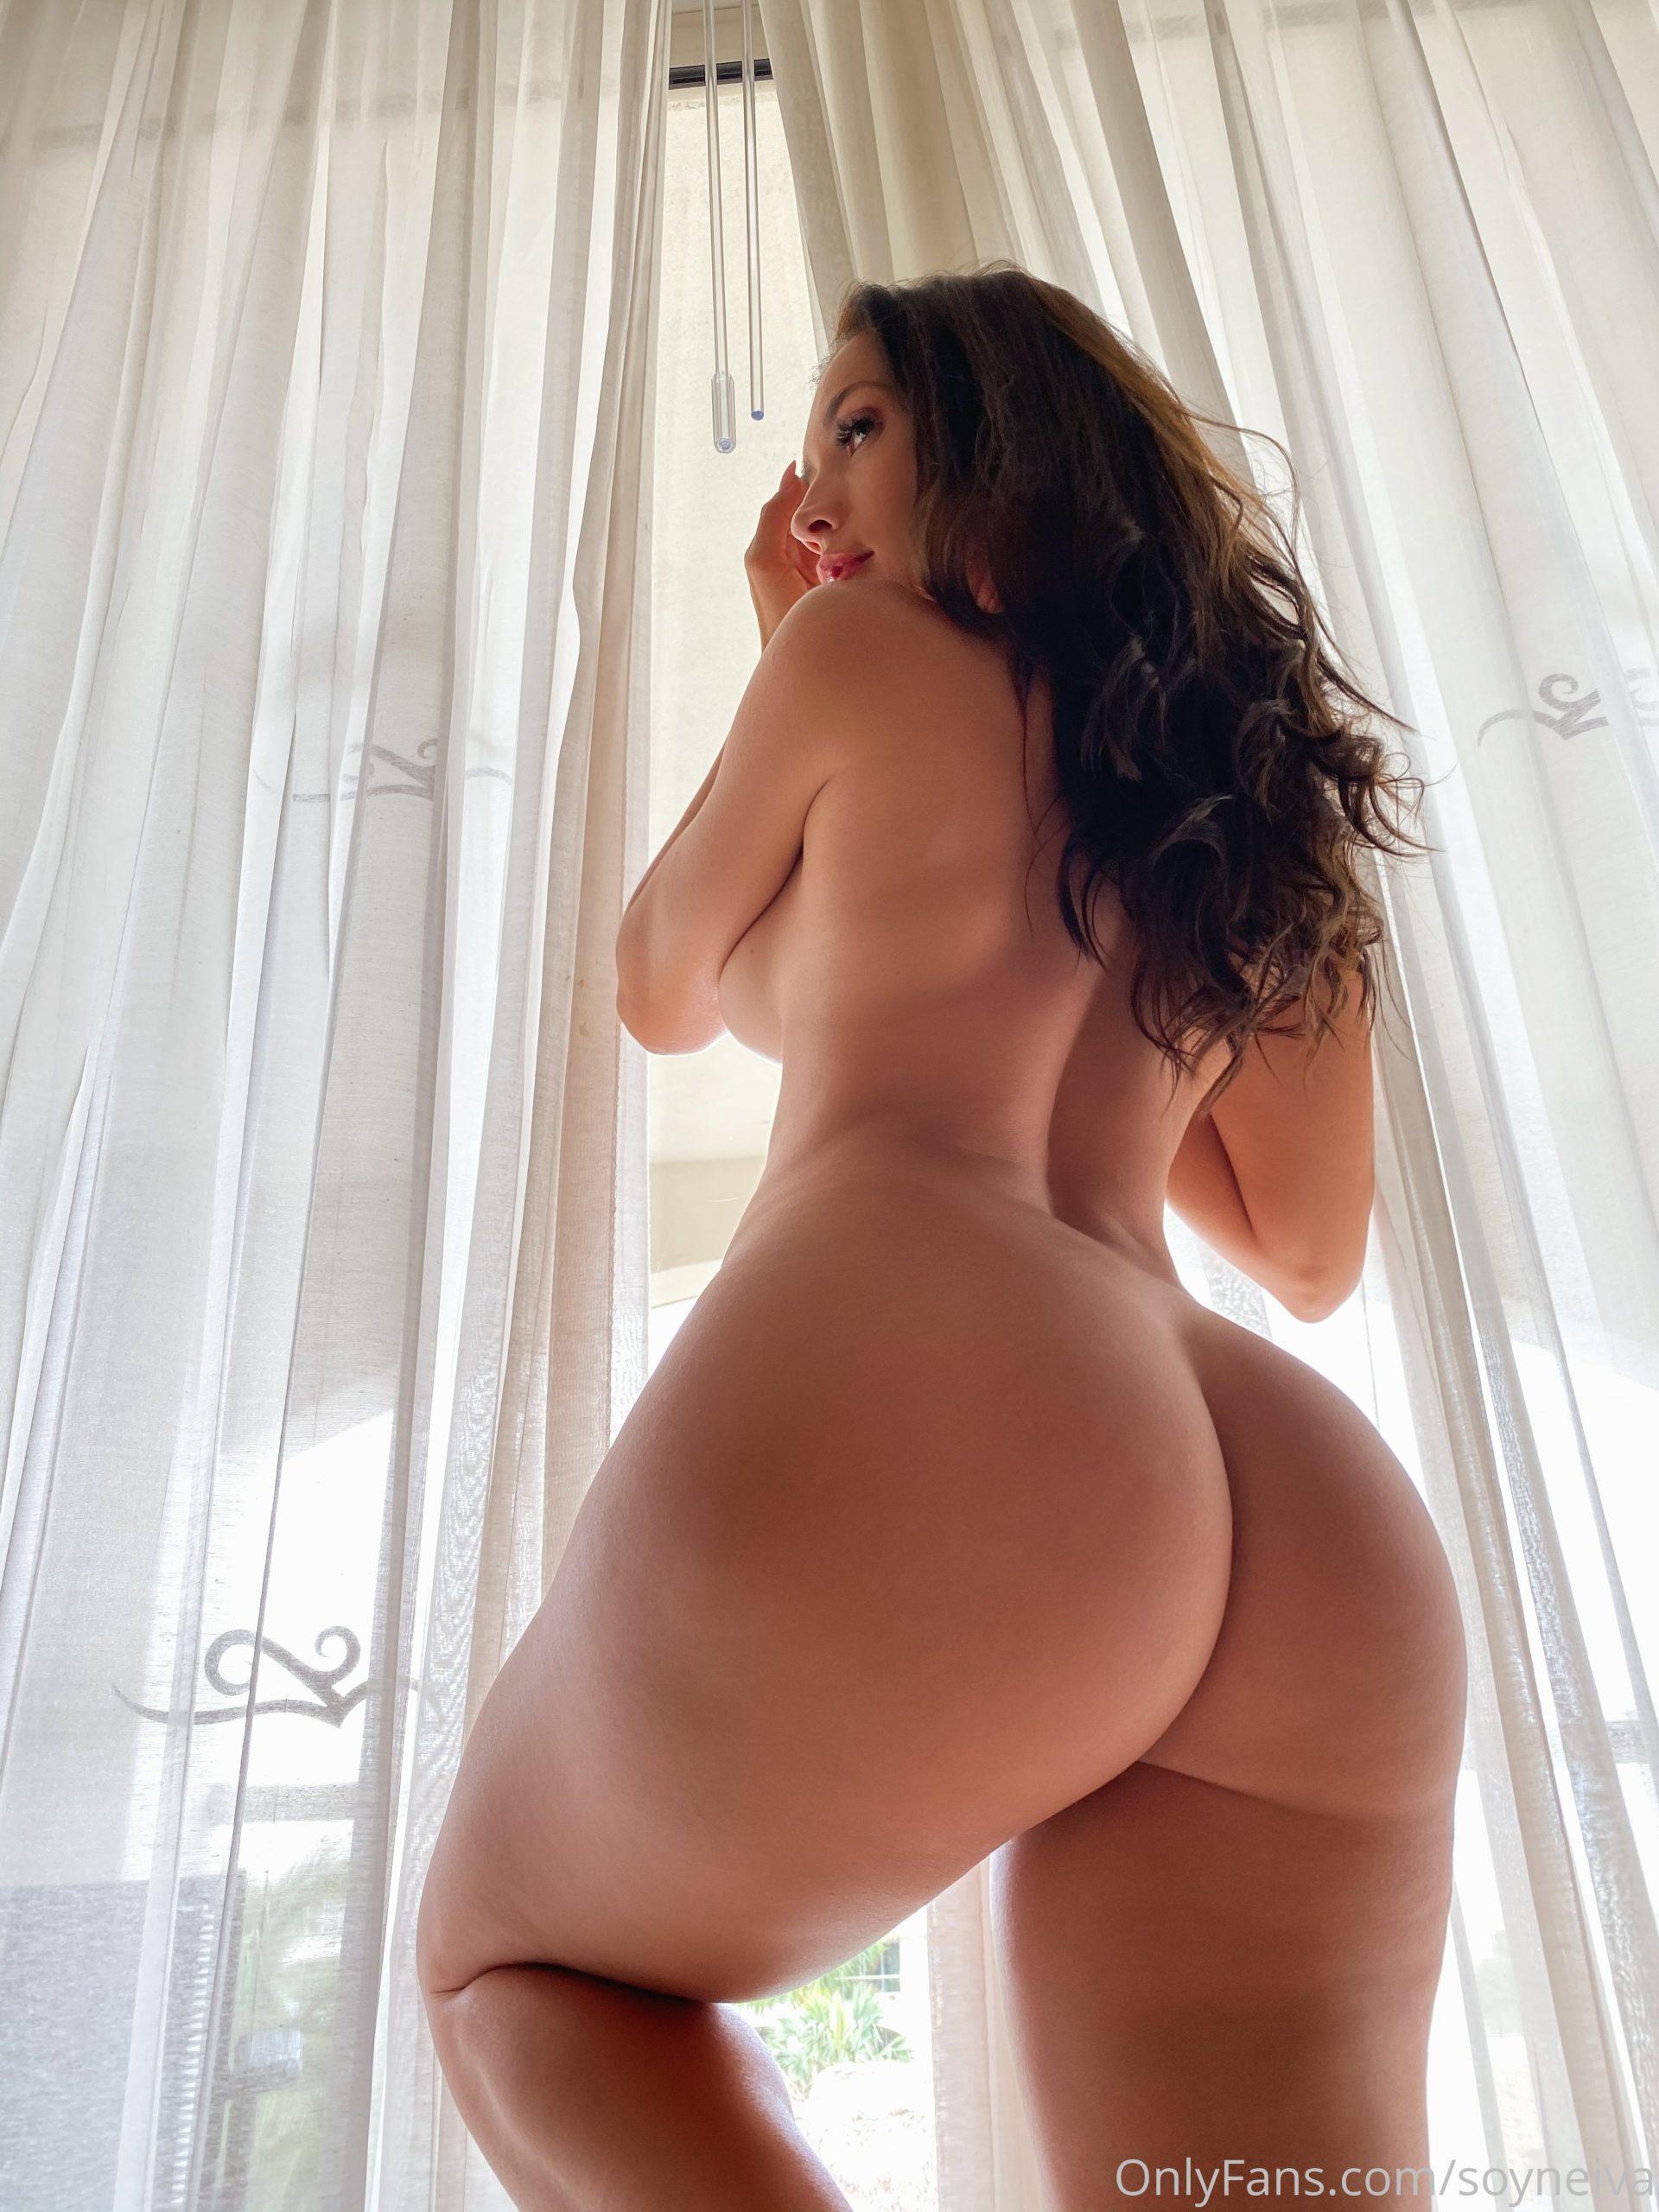 Neiva Mara, Soyneiva, Onlyfans Nudes Leaks 0018